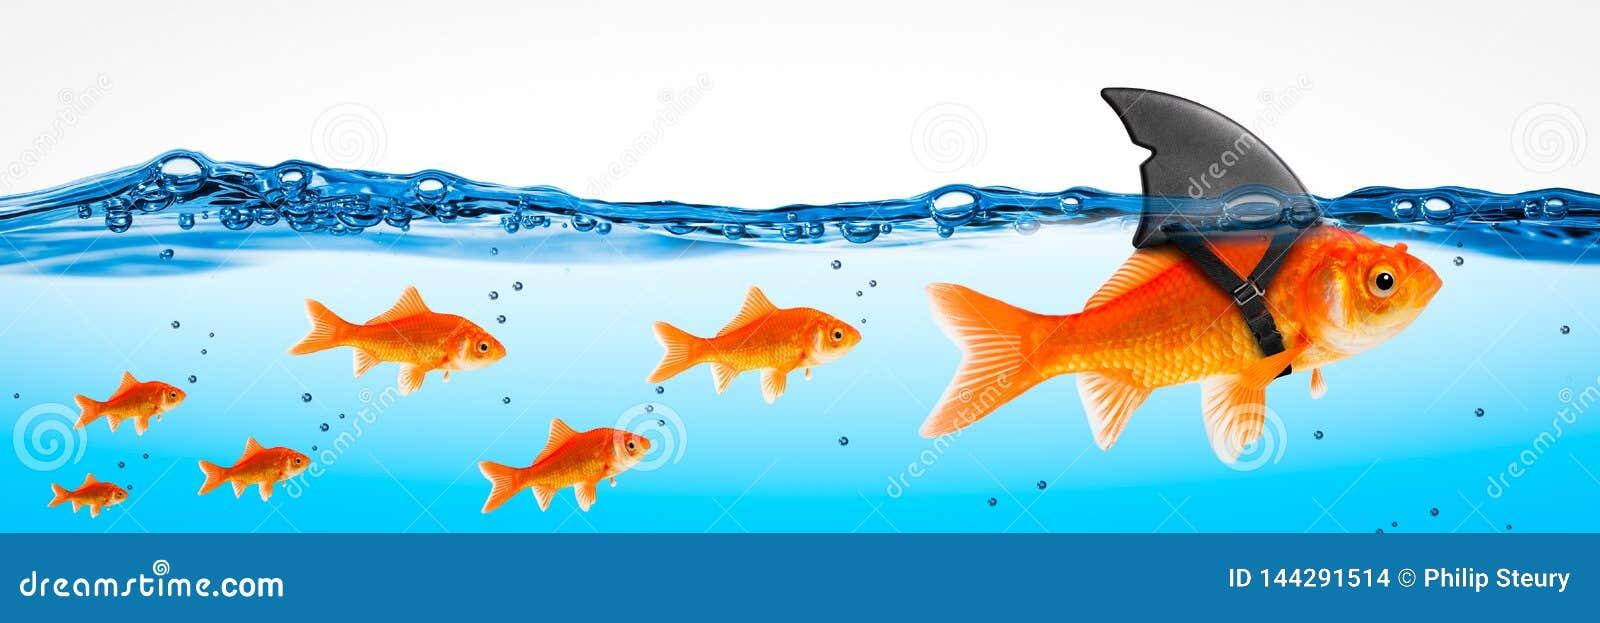 Небольшой храбрый руководитель рыбки